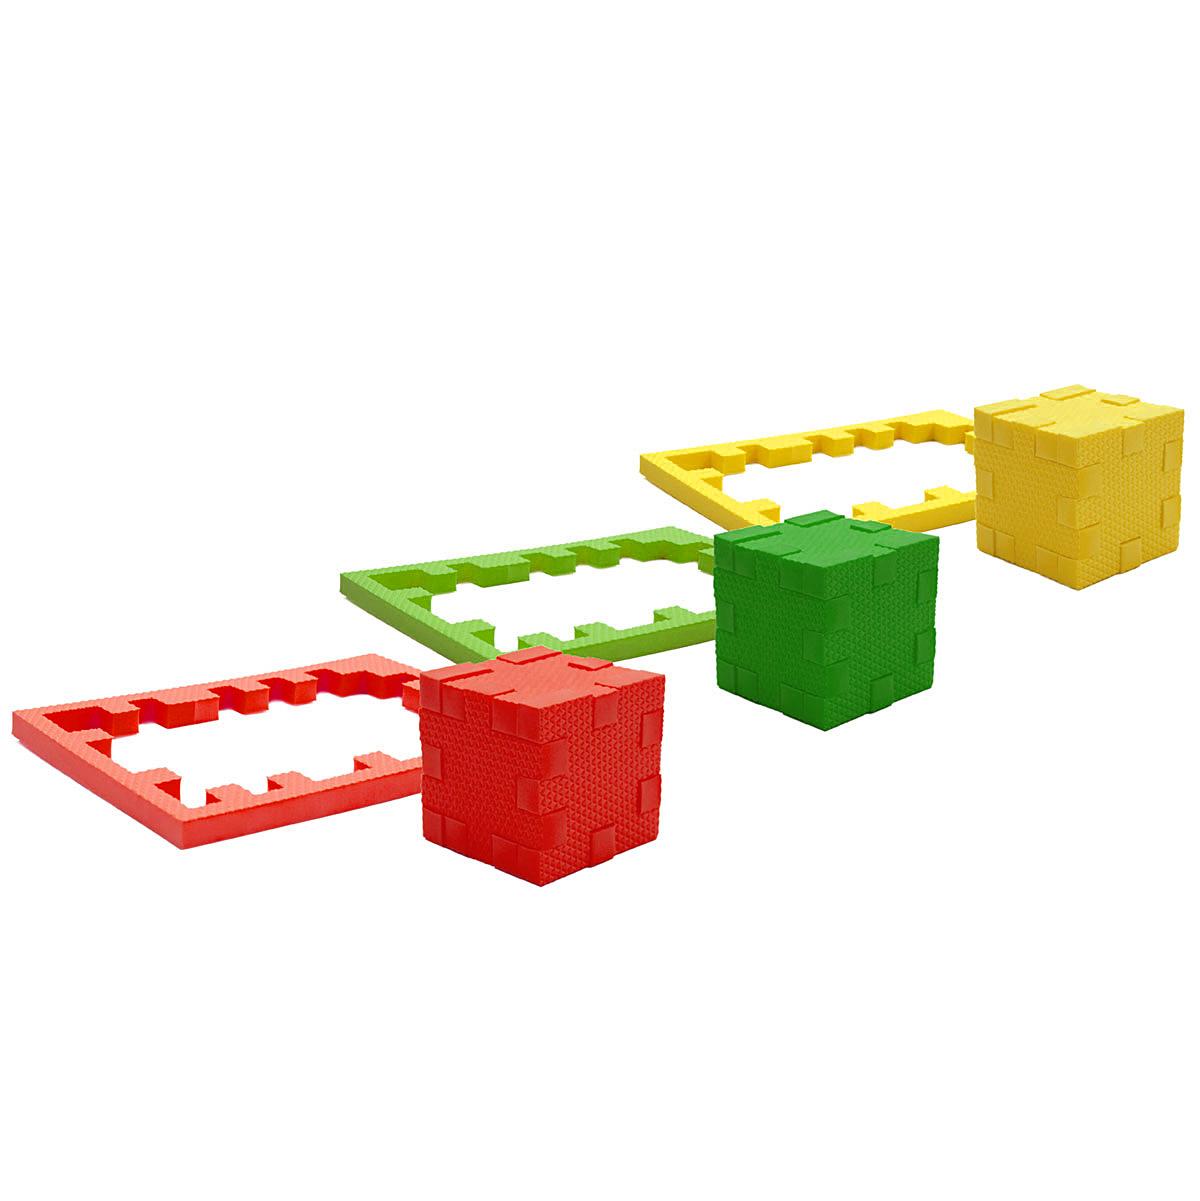 PicnMix Пазл-конструктор Кубикформ Галактика111008Пазл-конструктор Pic&Mix Кубикформ Галактика имеет уровень сложности Профессор. Игра может проводиться в 2 этапа: на первом этапе ребенок осваивает навыки составления простых элементов головоломки и запоминает 3 цвета, входящие в набор, также он узнаёт названия трёх небесных тел: Звезда, Комета, Метеор; на втором этапе ребенок учится собирать сложные геометрические фигуры. Серия обучающих пазл-конструкторов стимулирует развитие мышления, логики, пространственного воображения, памяти, координации, мелкой моторики, а также помогает усвоить навыки тактильного восприятия. В комплект входят 21 элемент конструктора, инструкция.